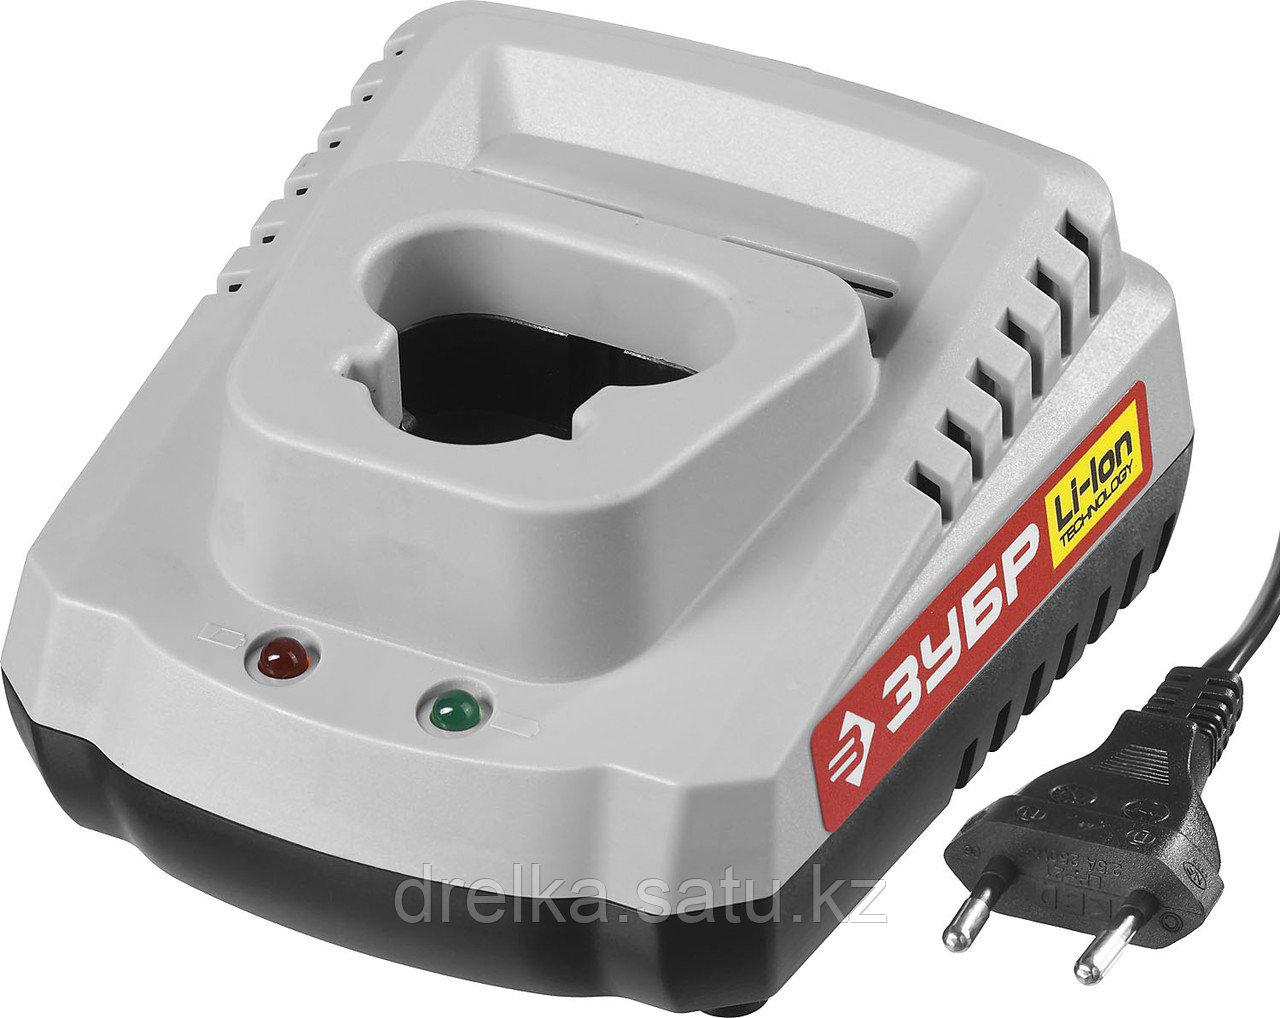 Зарядное устройство для аккумулятора, ЗУБР БЗУ-10.8-12 М1, МАСТЕР Импульс универсальное, интеллектуальное.